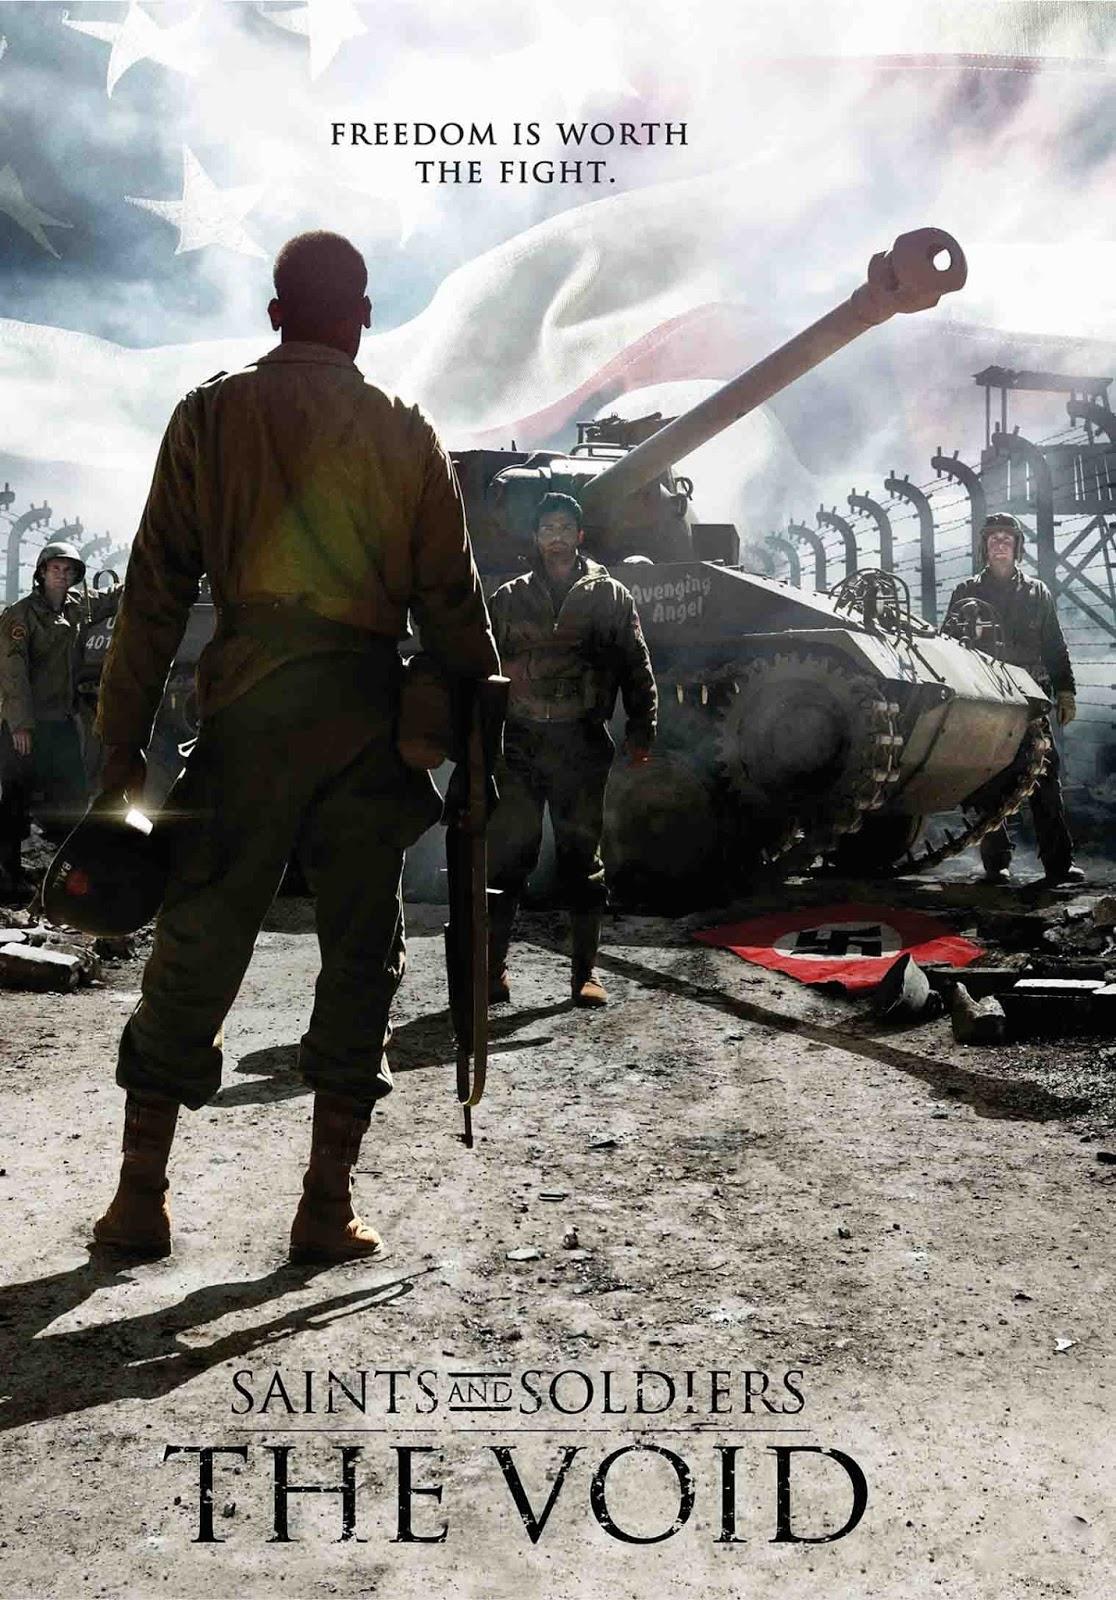 Santos e Soldados: A Ultima Missão Torrent - Blu-ray Rip 720p e 1080p Dual Áudio (2016)